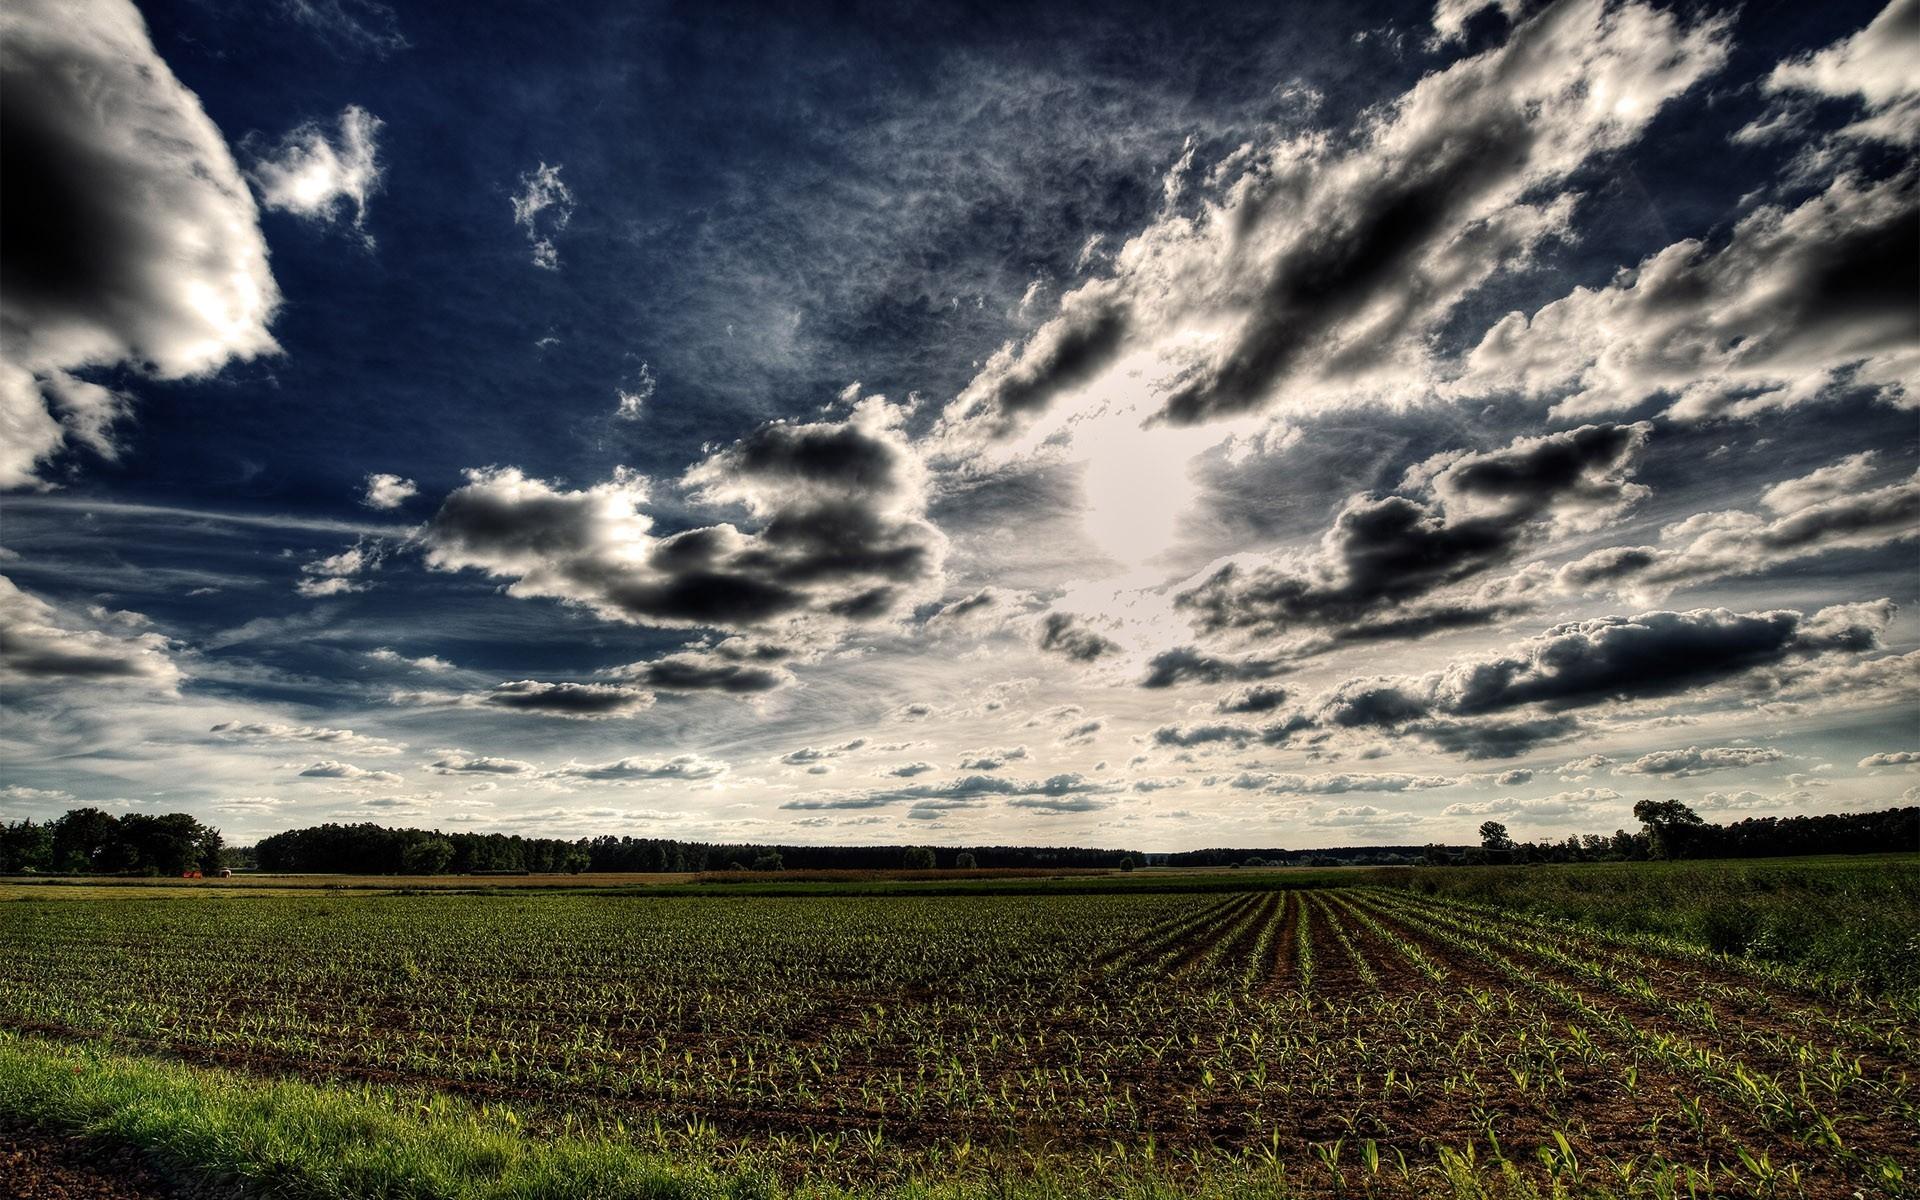 красивые картинки неба и земли тертый пирог вареньем